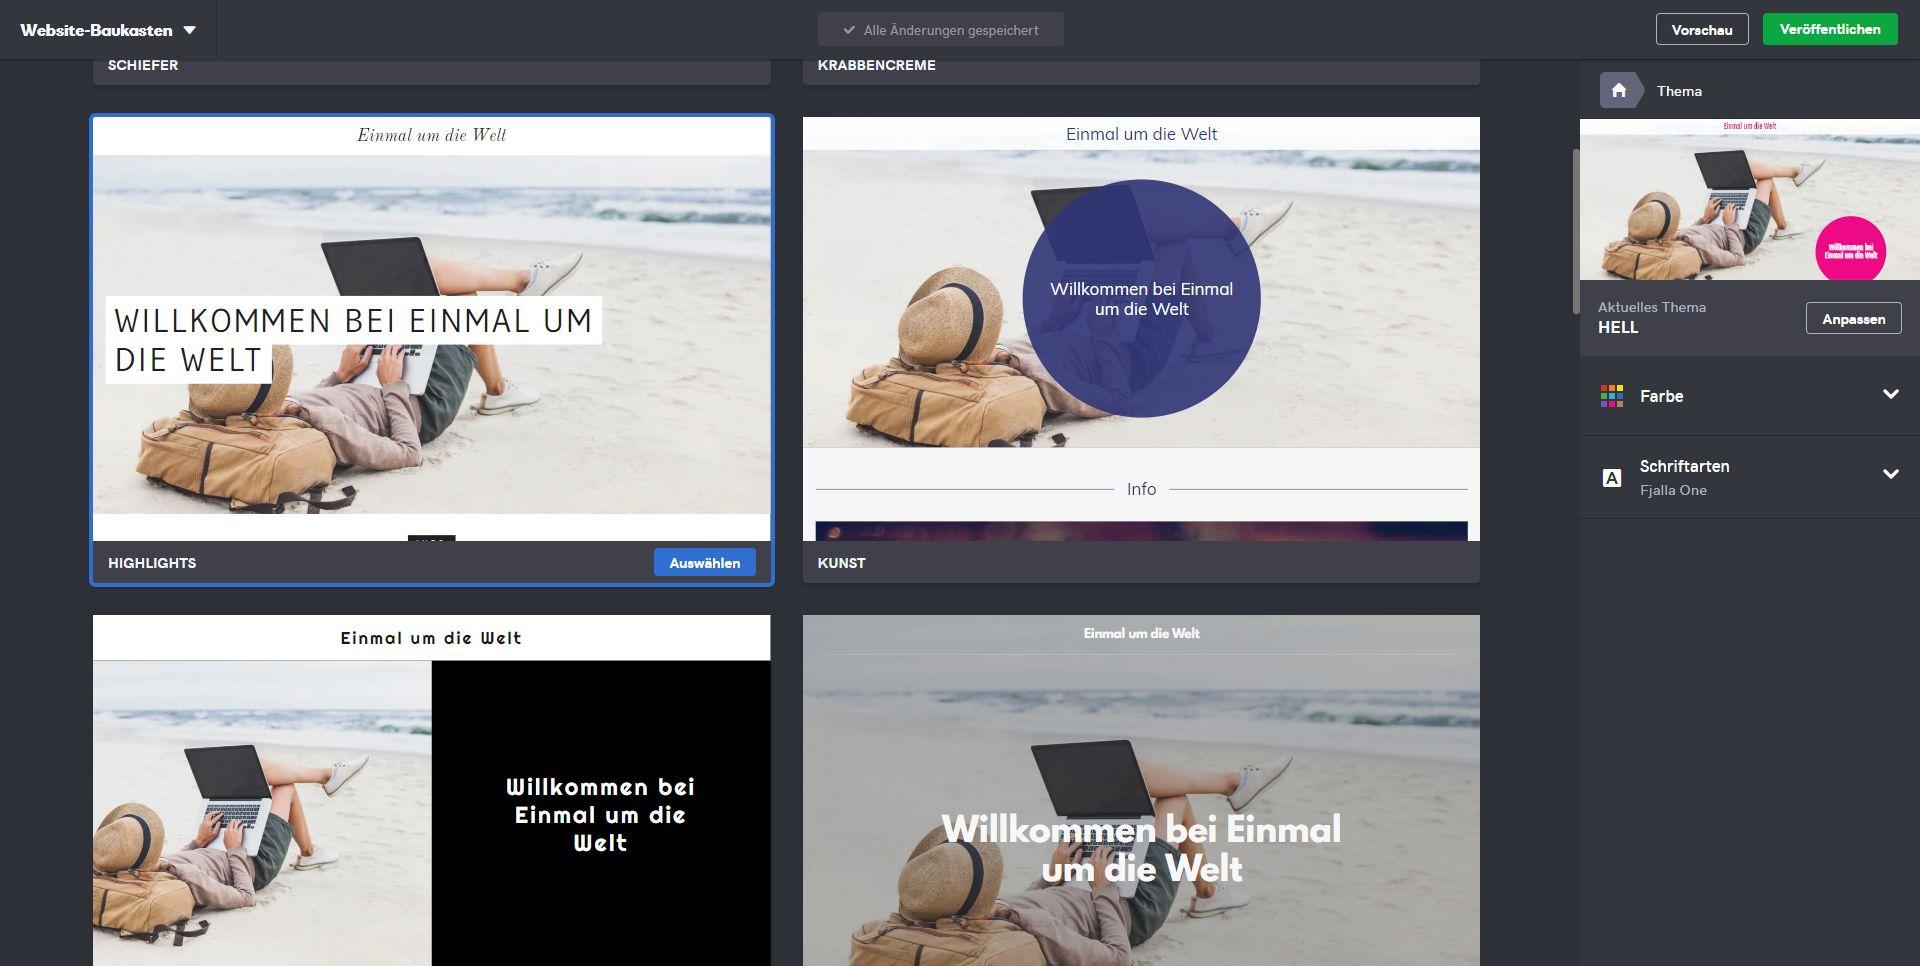 Kostenlose Website erstellen mit GoDaddy - Schritt 3: Design wählen